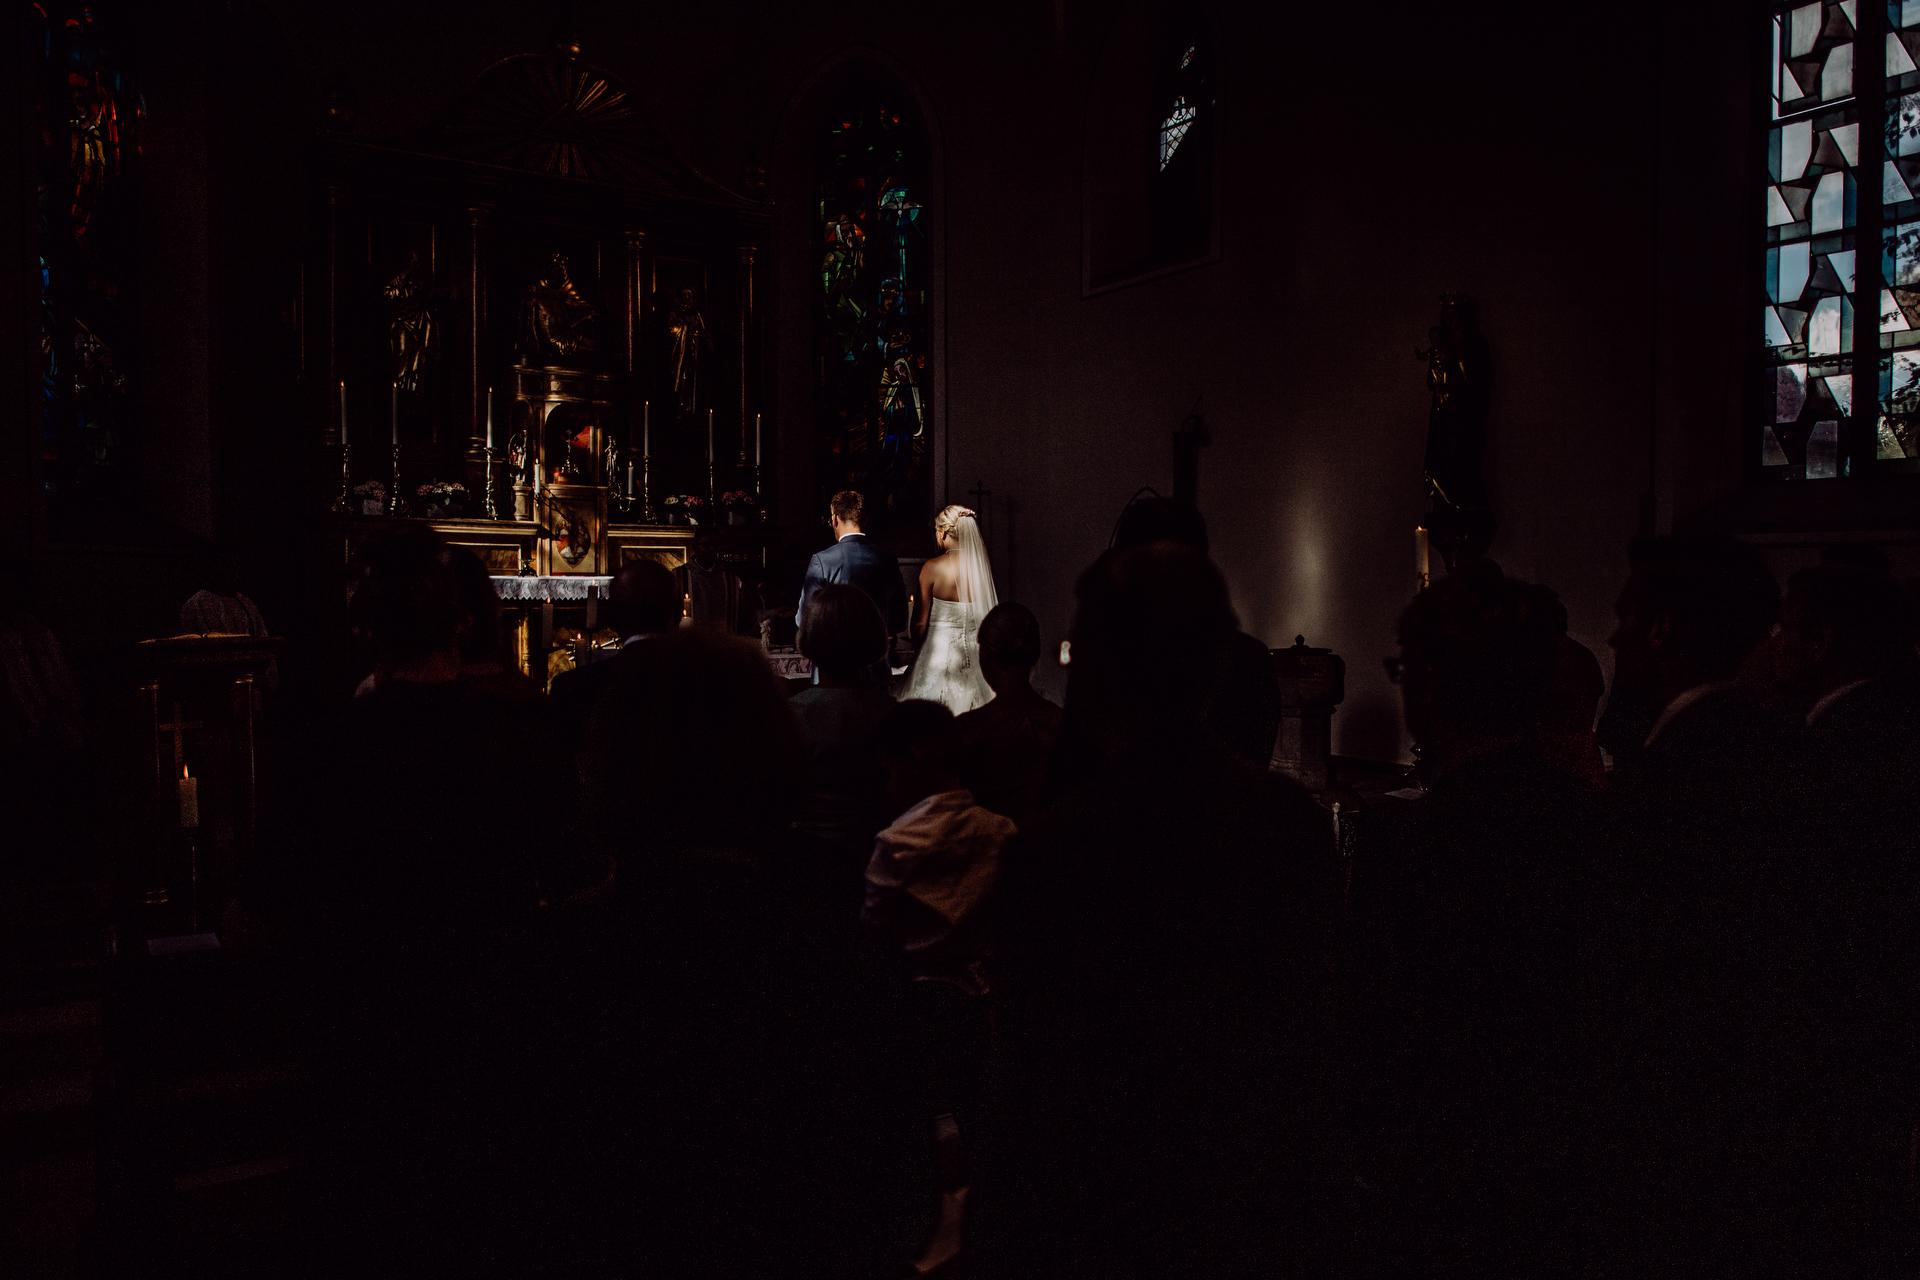 Hzt-Julia-Johannes-Kirche-08-2018-055